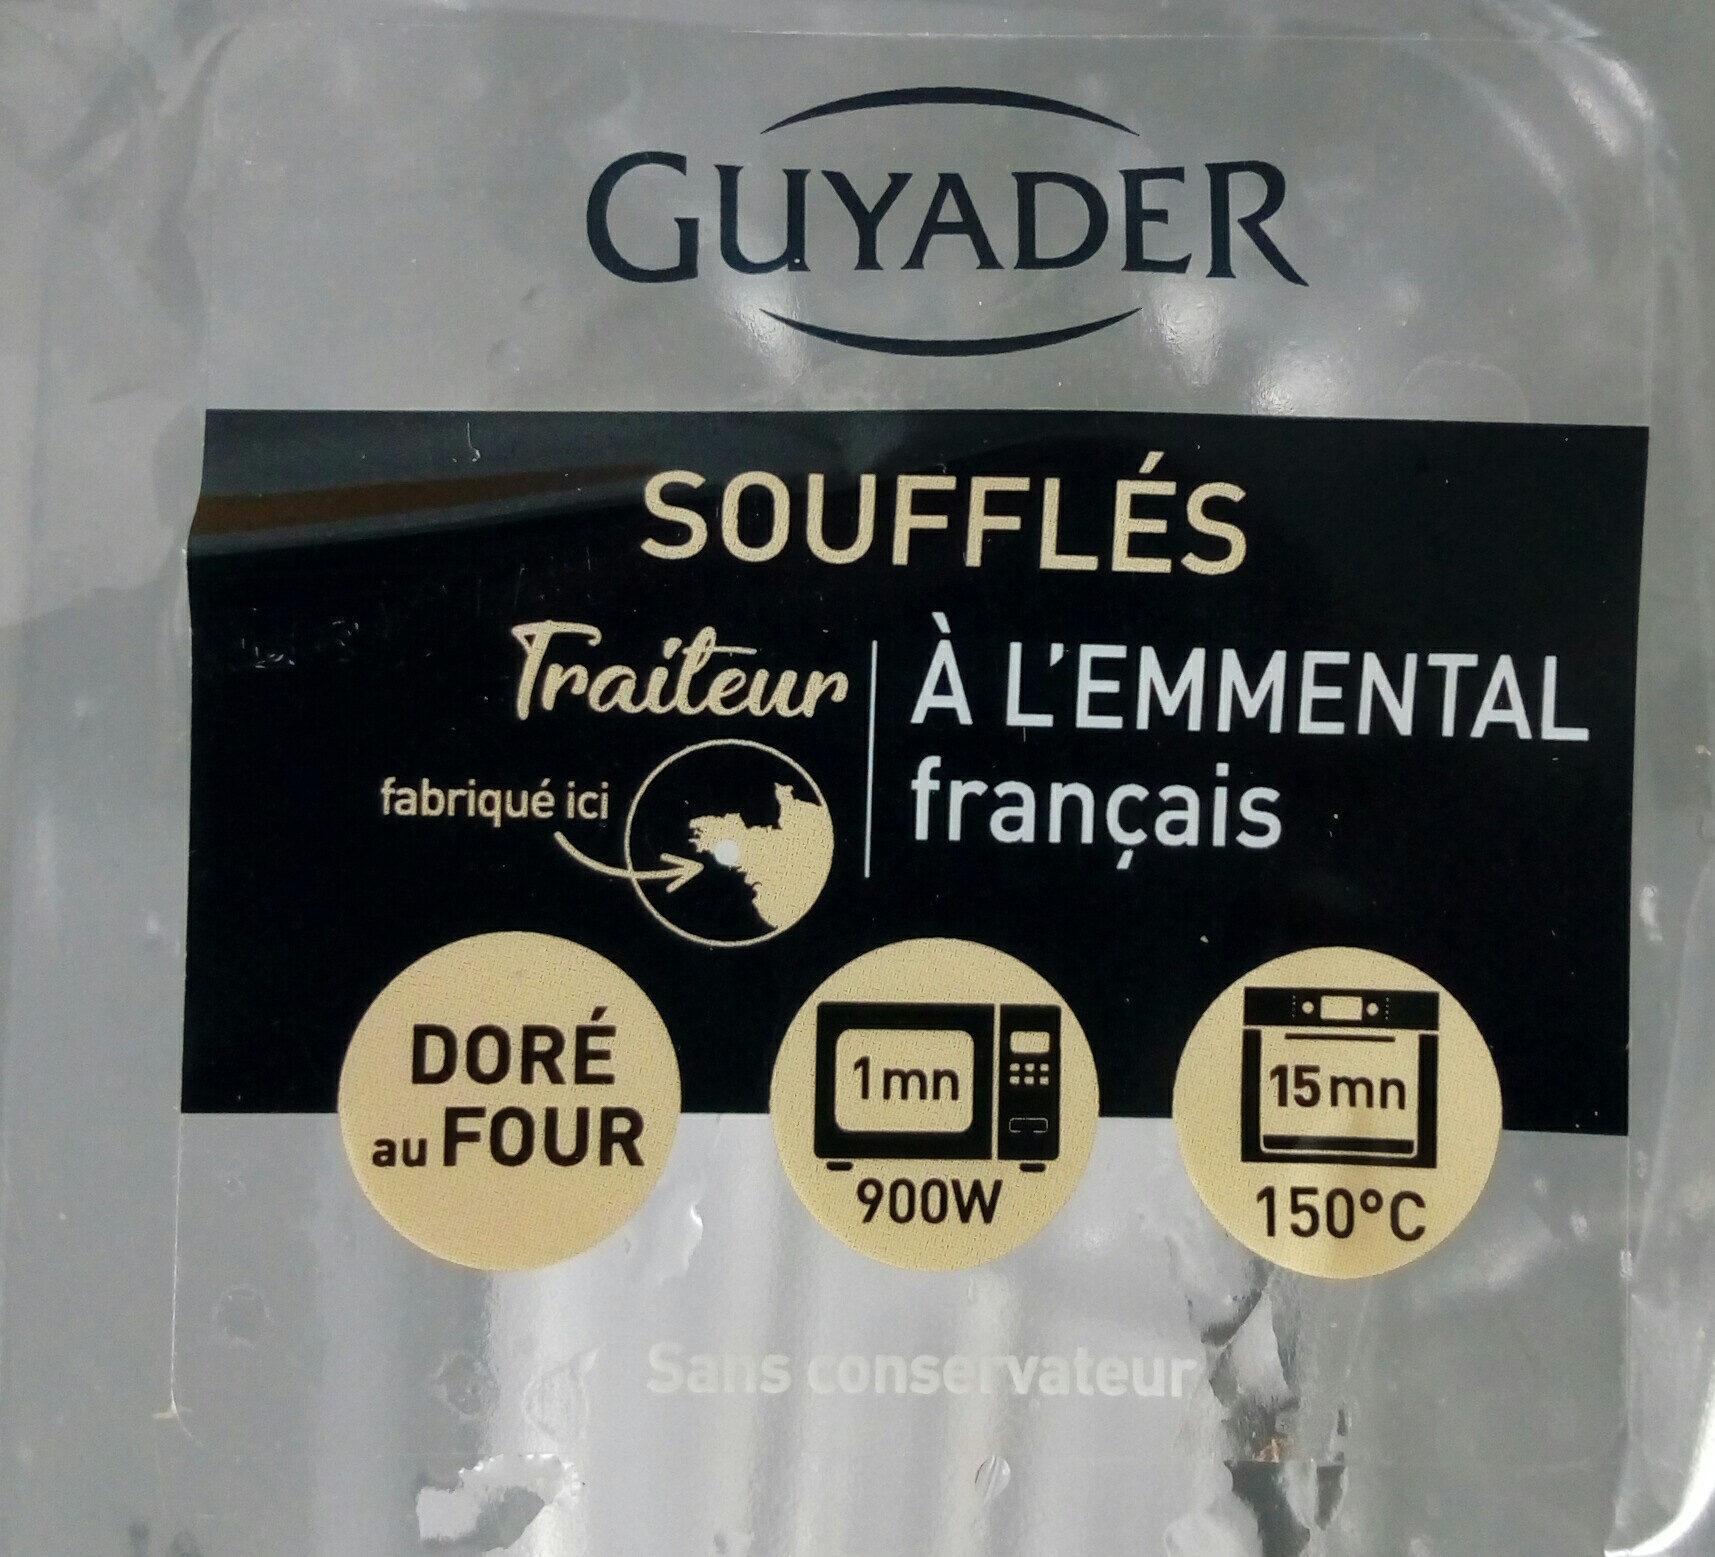 soufflés a l emmental - Produit - fr